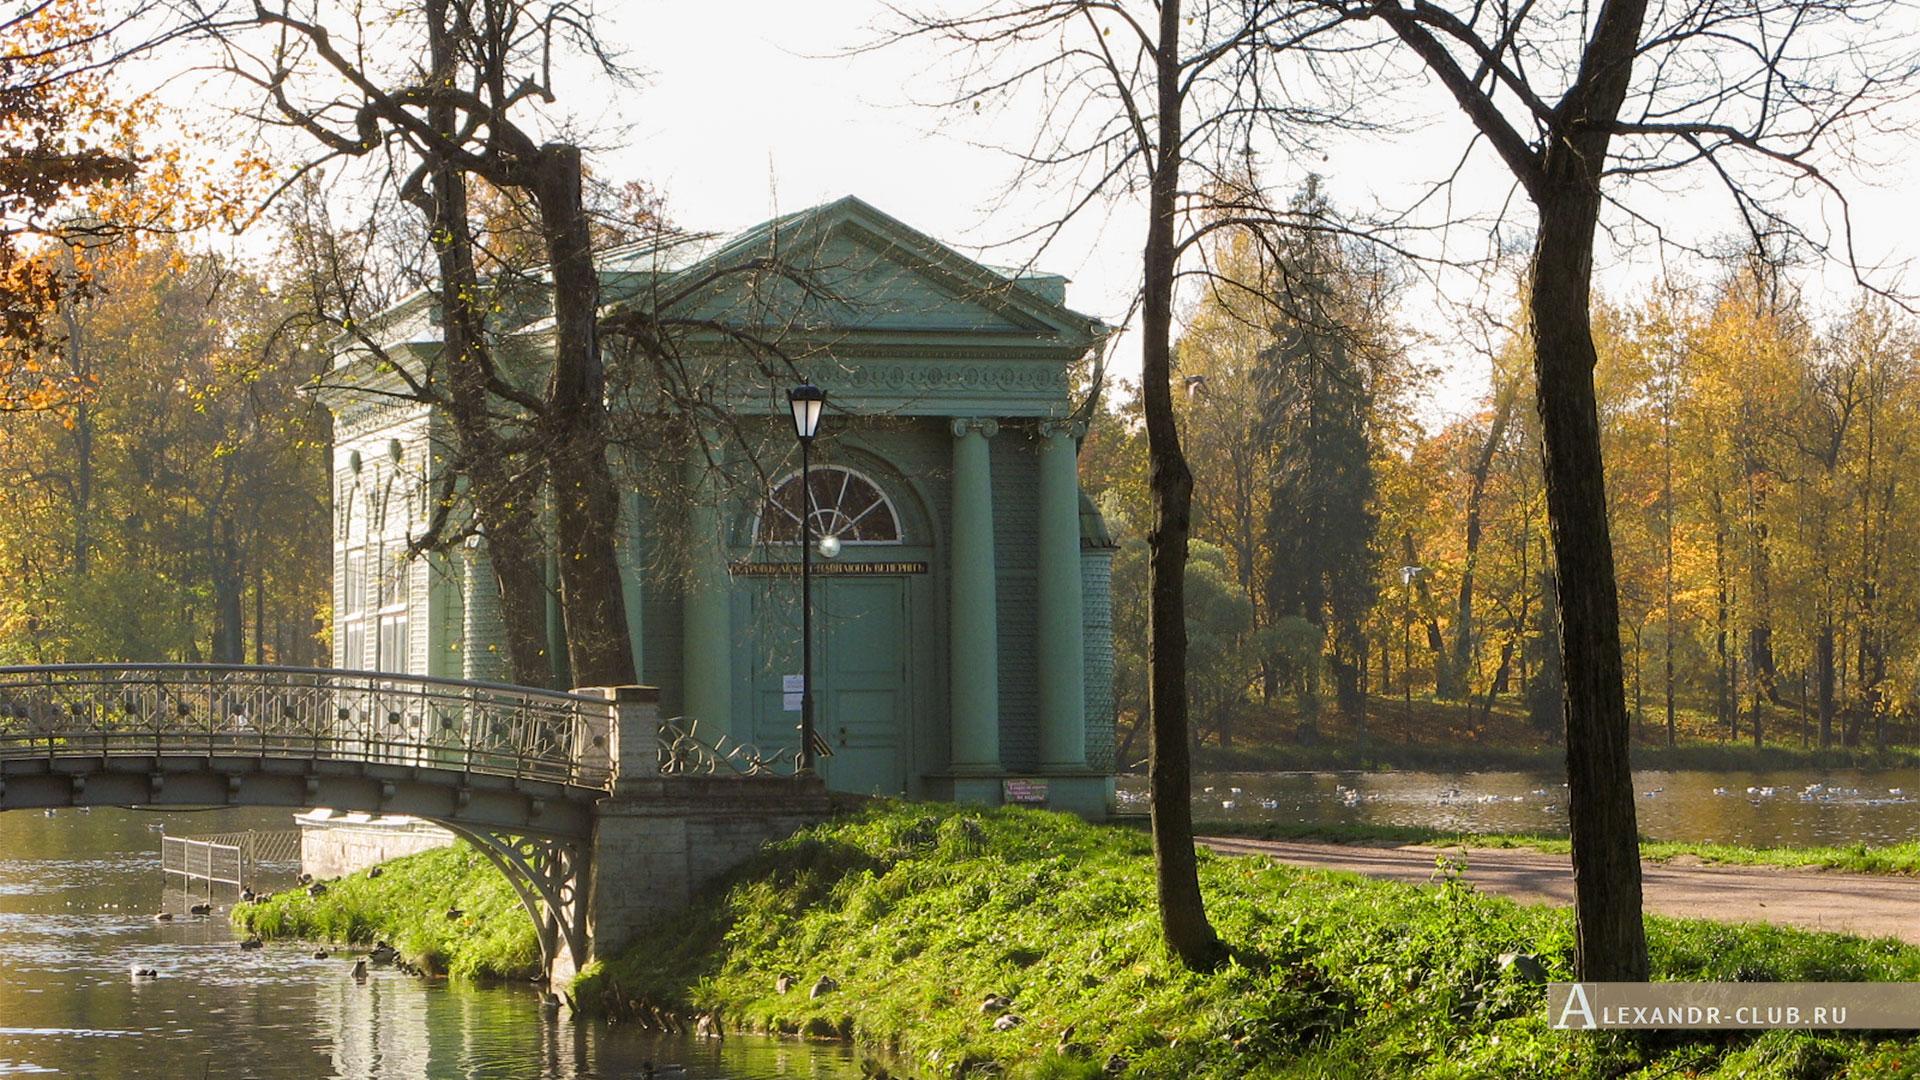 Гатчина, Гатчинский парк, осень, Павильон Венеры